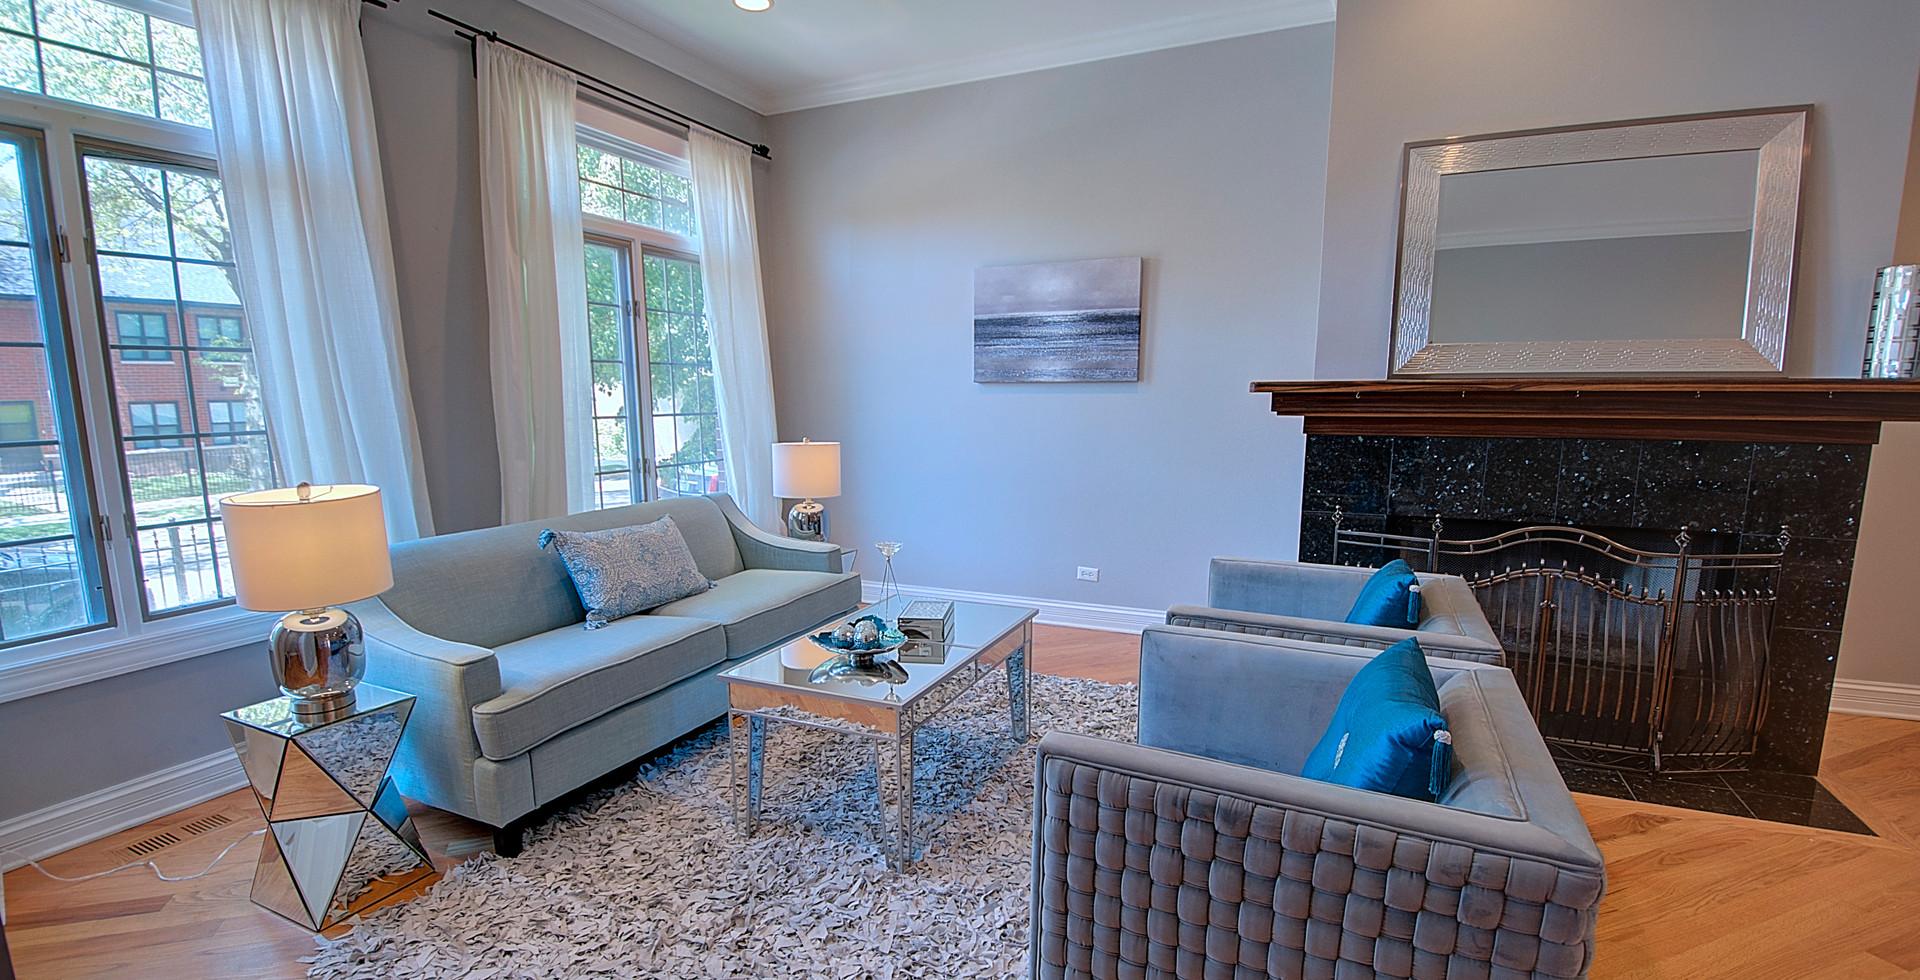 Living Room in Elmhurst designed by MRM Home Design.jpg